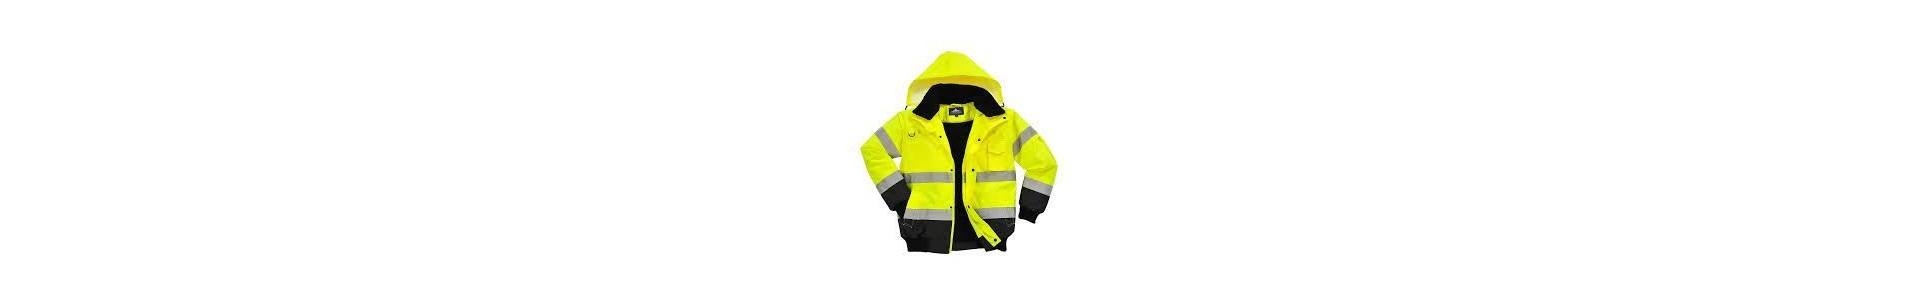 Tiendas Pavo Venta Online de Chalecos y cazadoras de alta visibilidad así como jerseys , forros polares y chalecos.